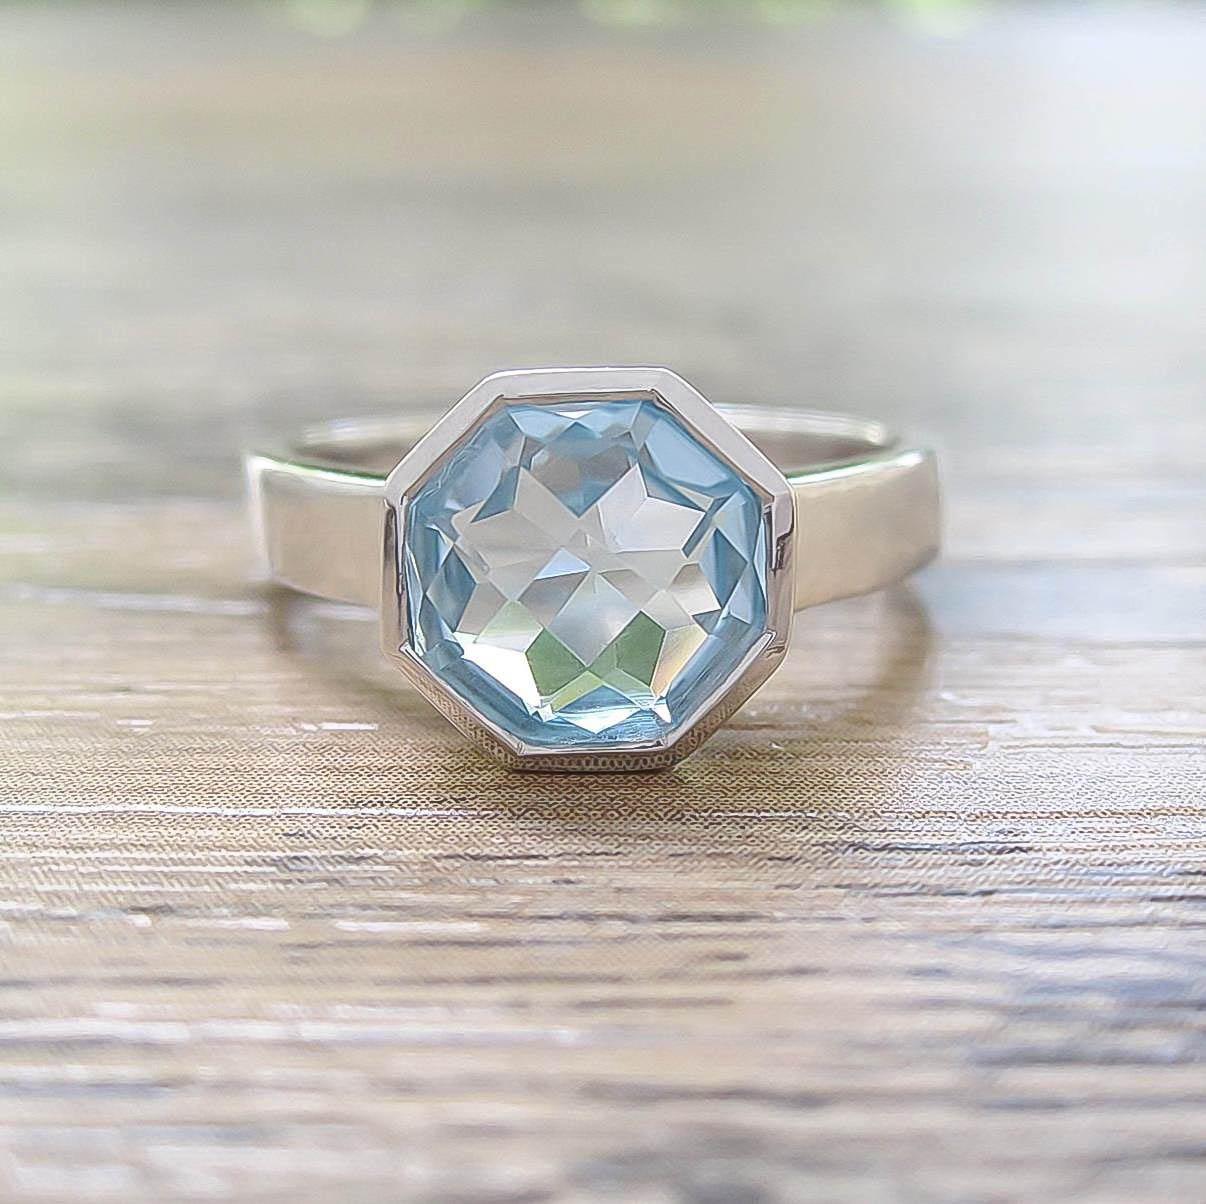 แหวน Blue Topaz Sterling Silver สี Rhodium รุ่น Glamorous